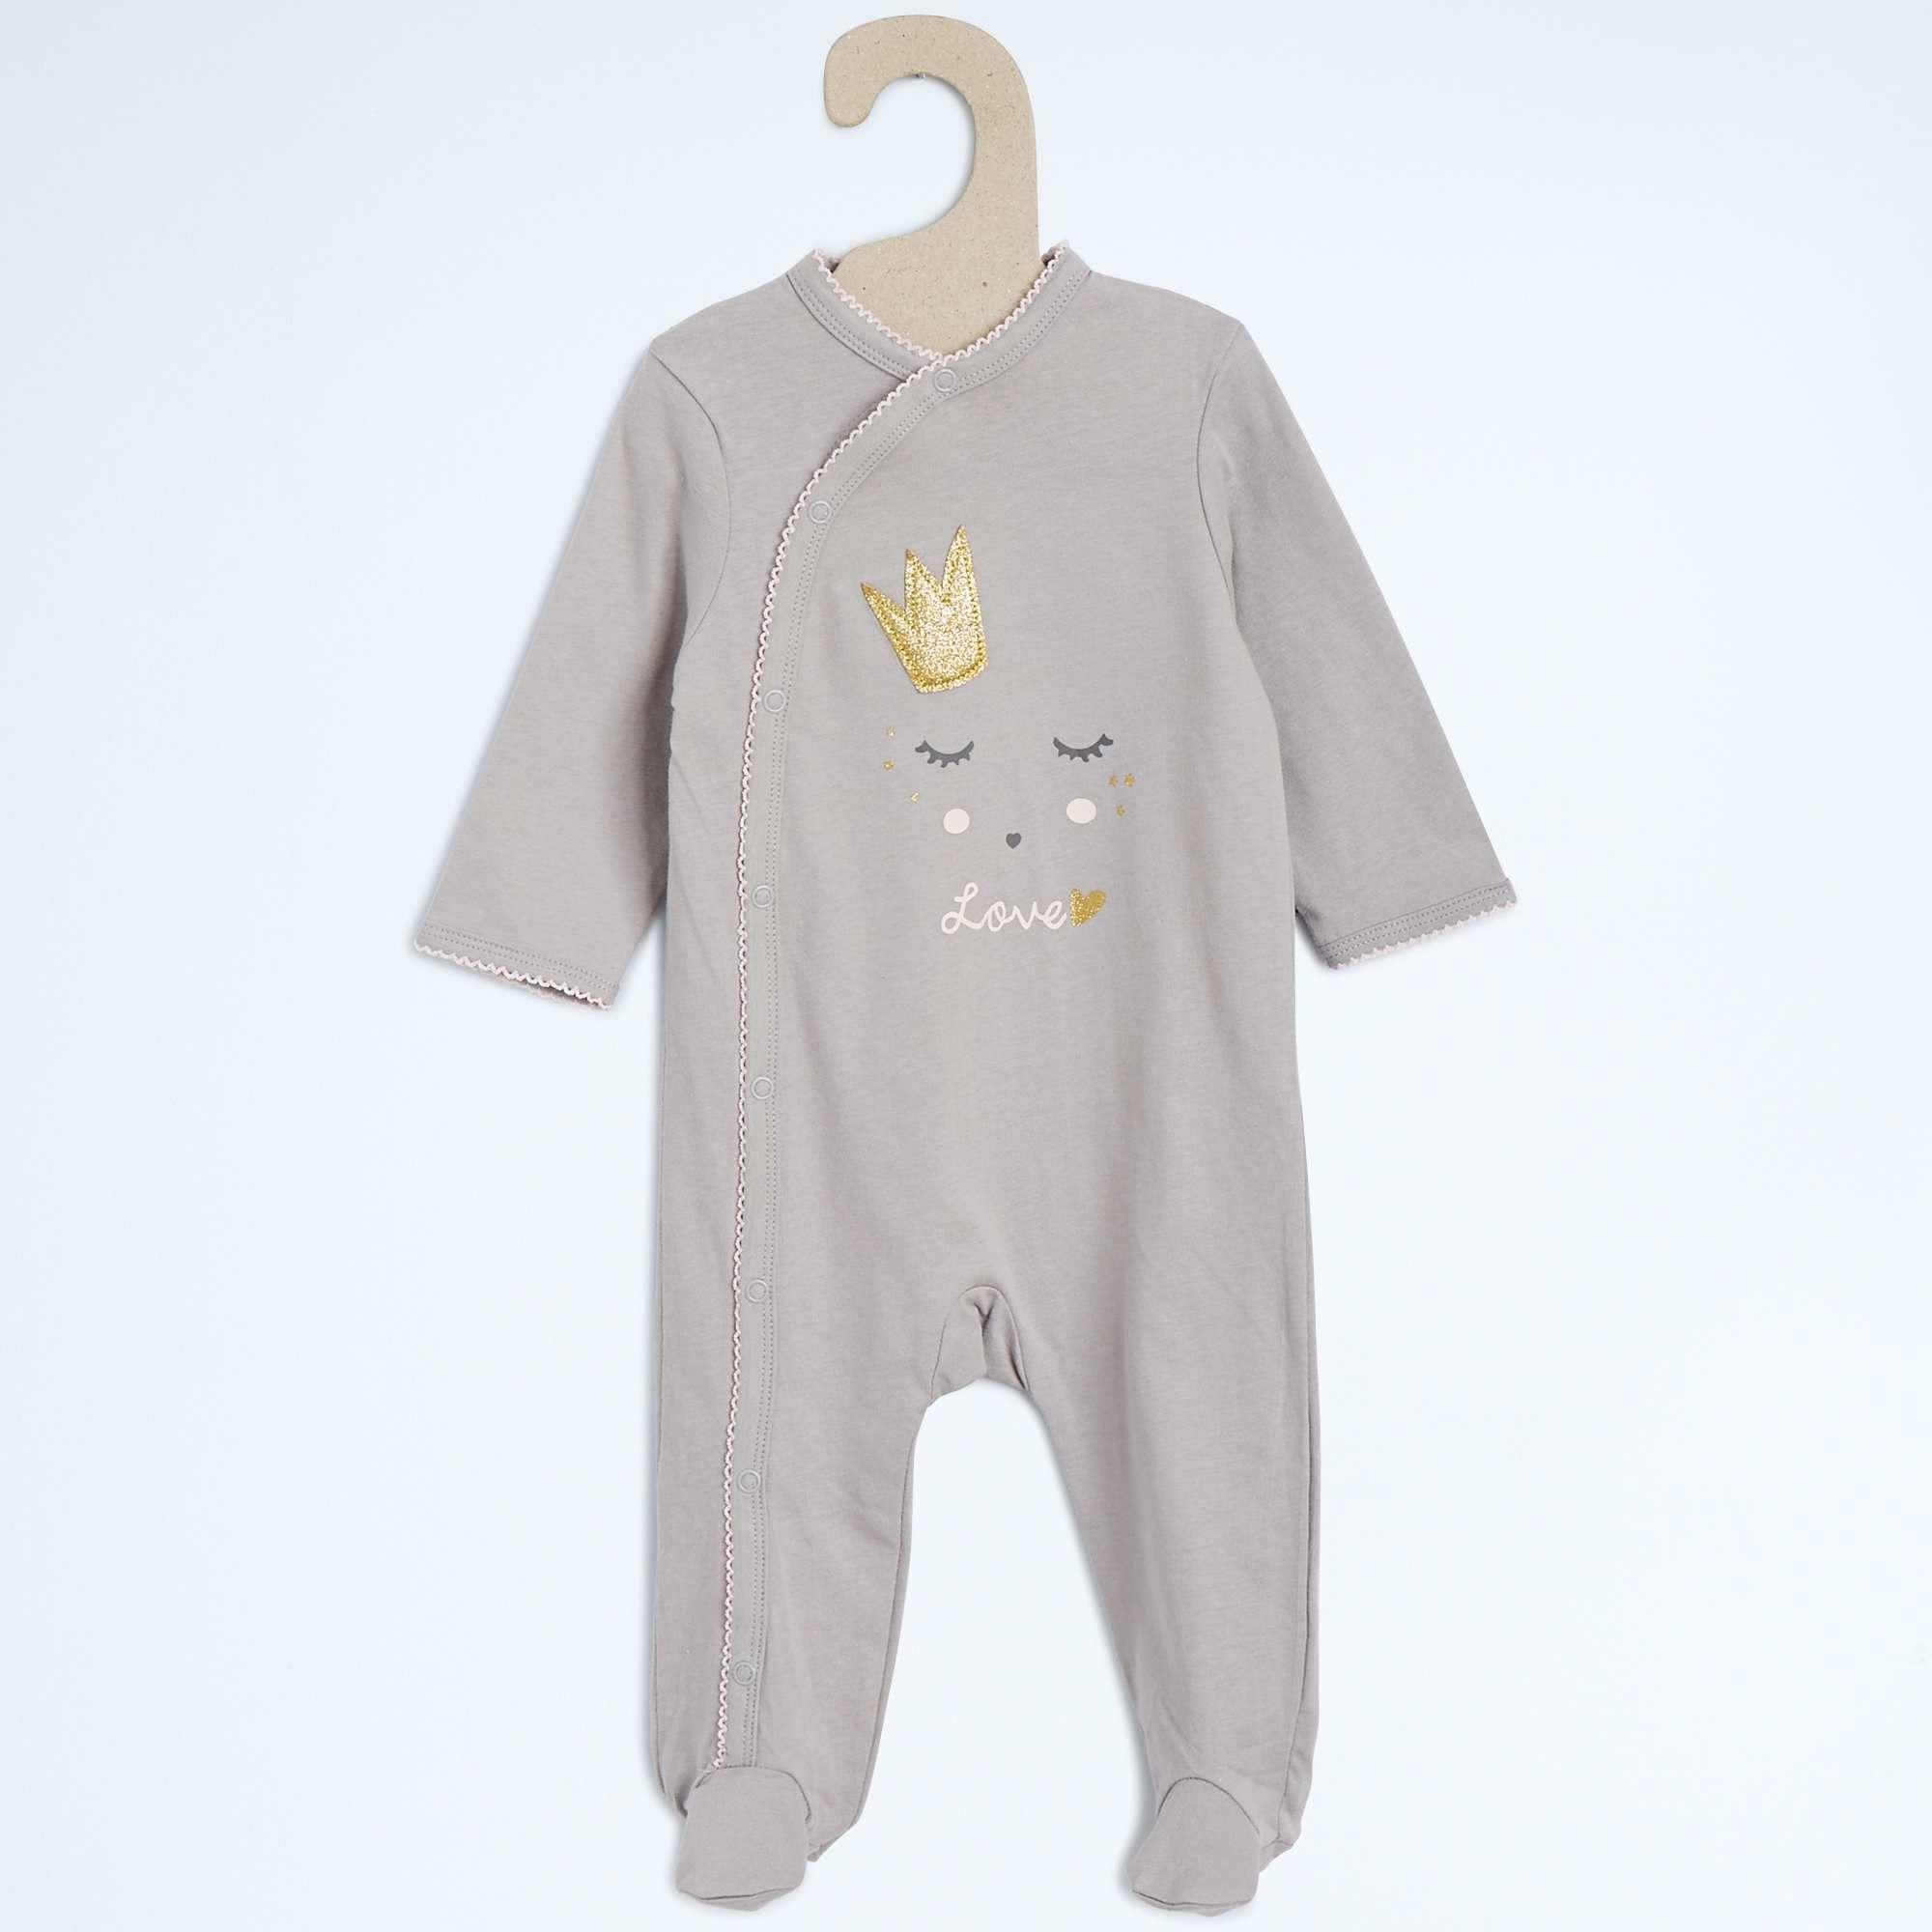 7814c8c9ae9f9 Pyjama en coton Bébé fille - Kiabi - 9